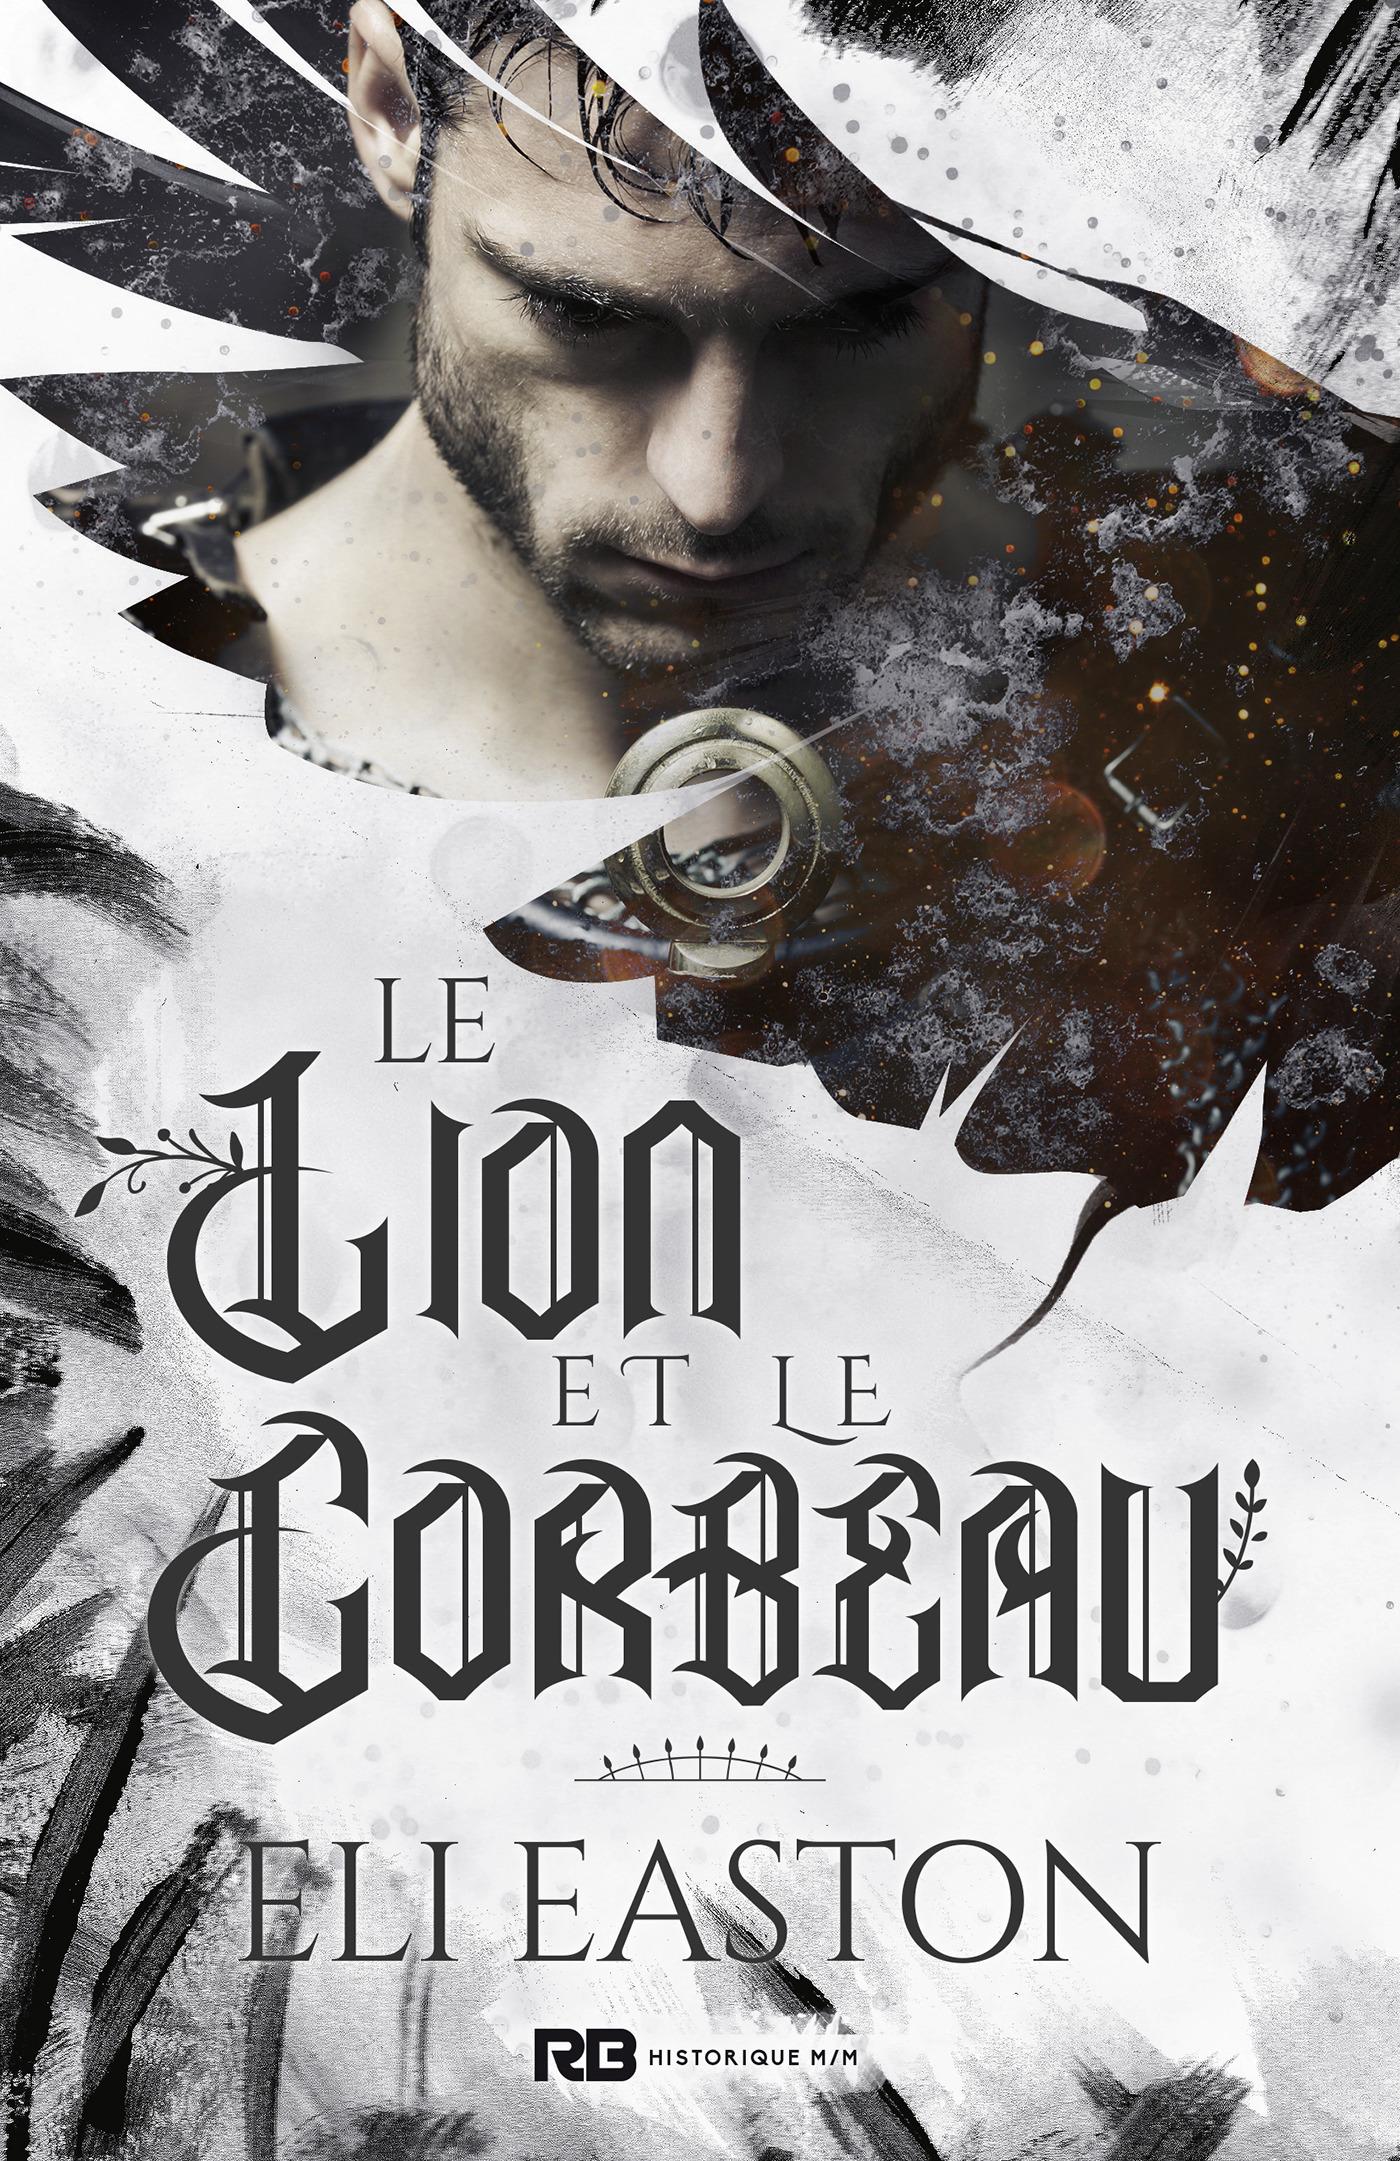 Le lion et le corbeau  - Eli Easton